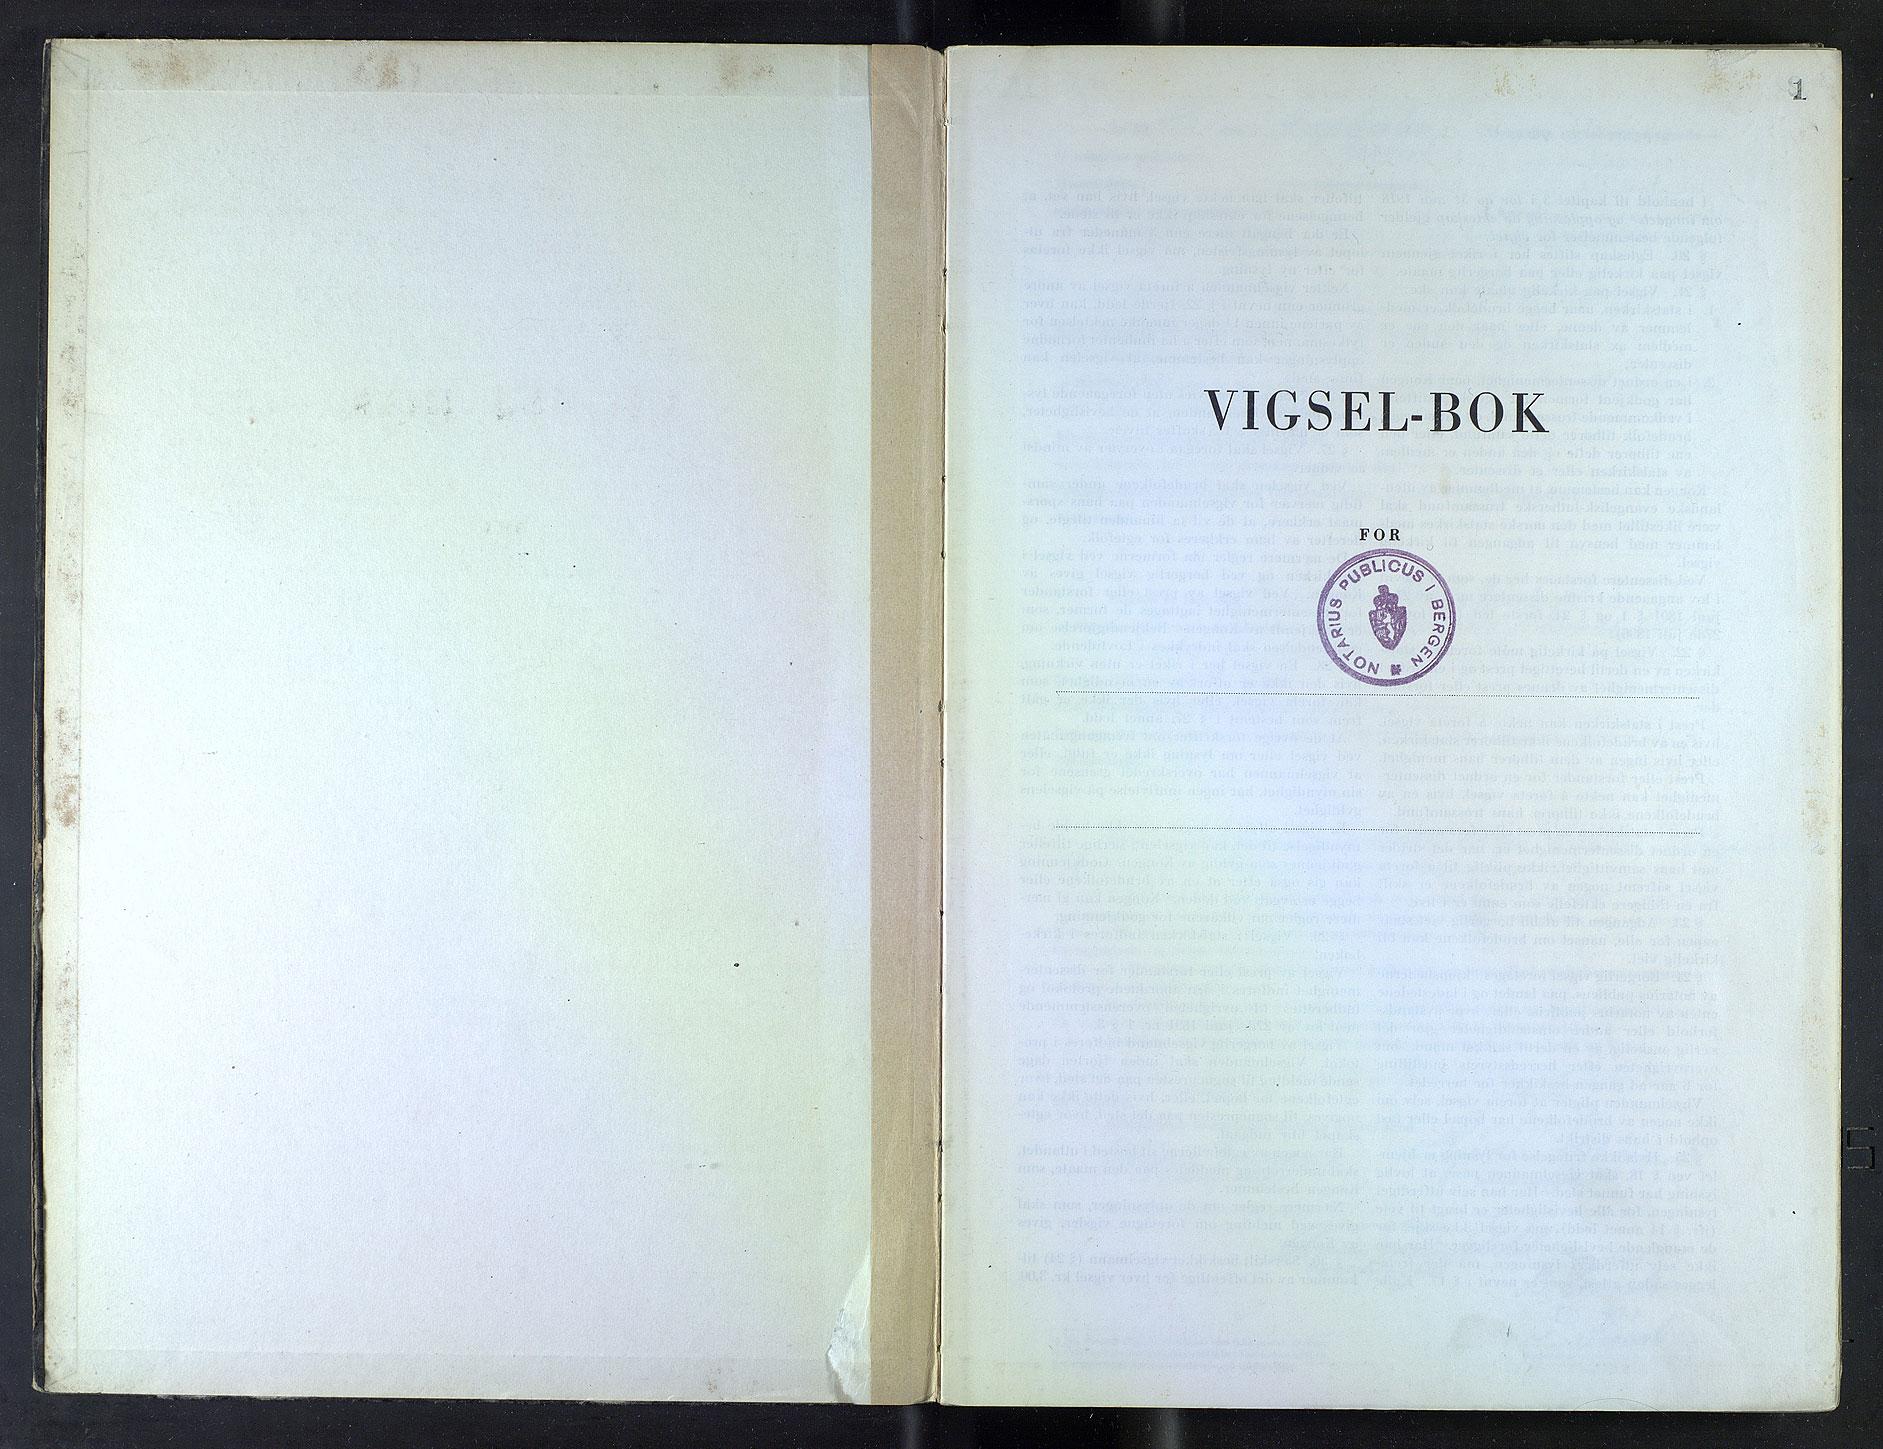 SAB, Bergen byfogd og byskriver*, 1948-1949, s. 1